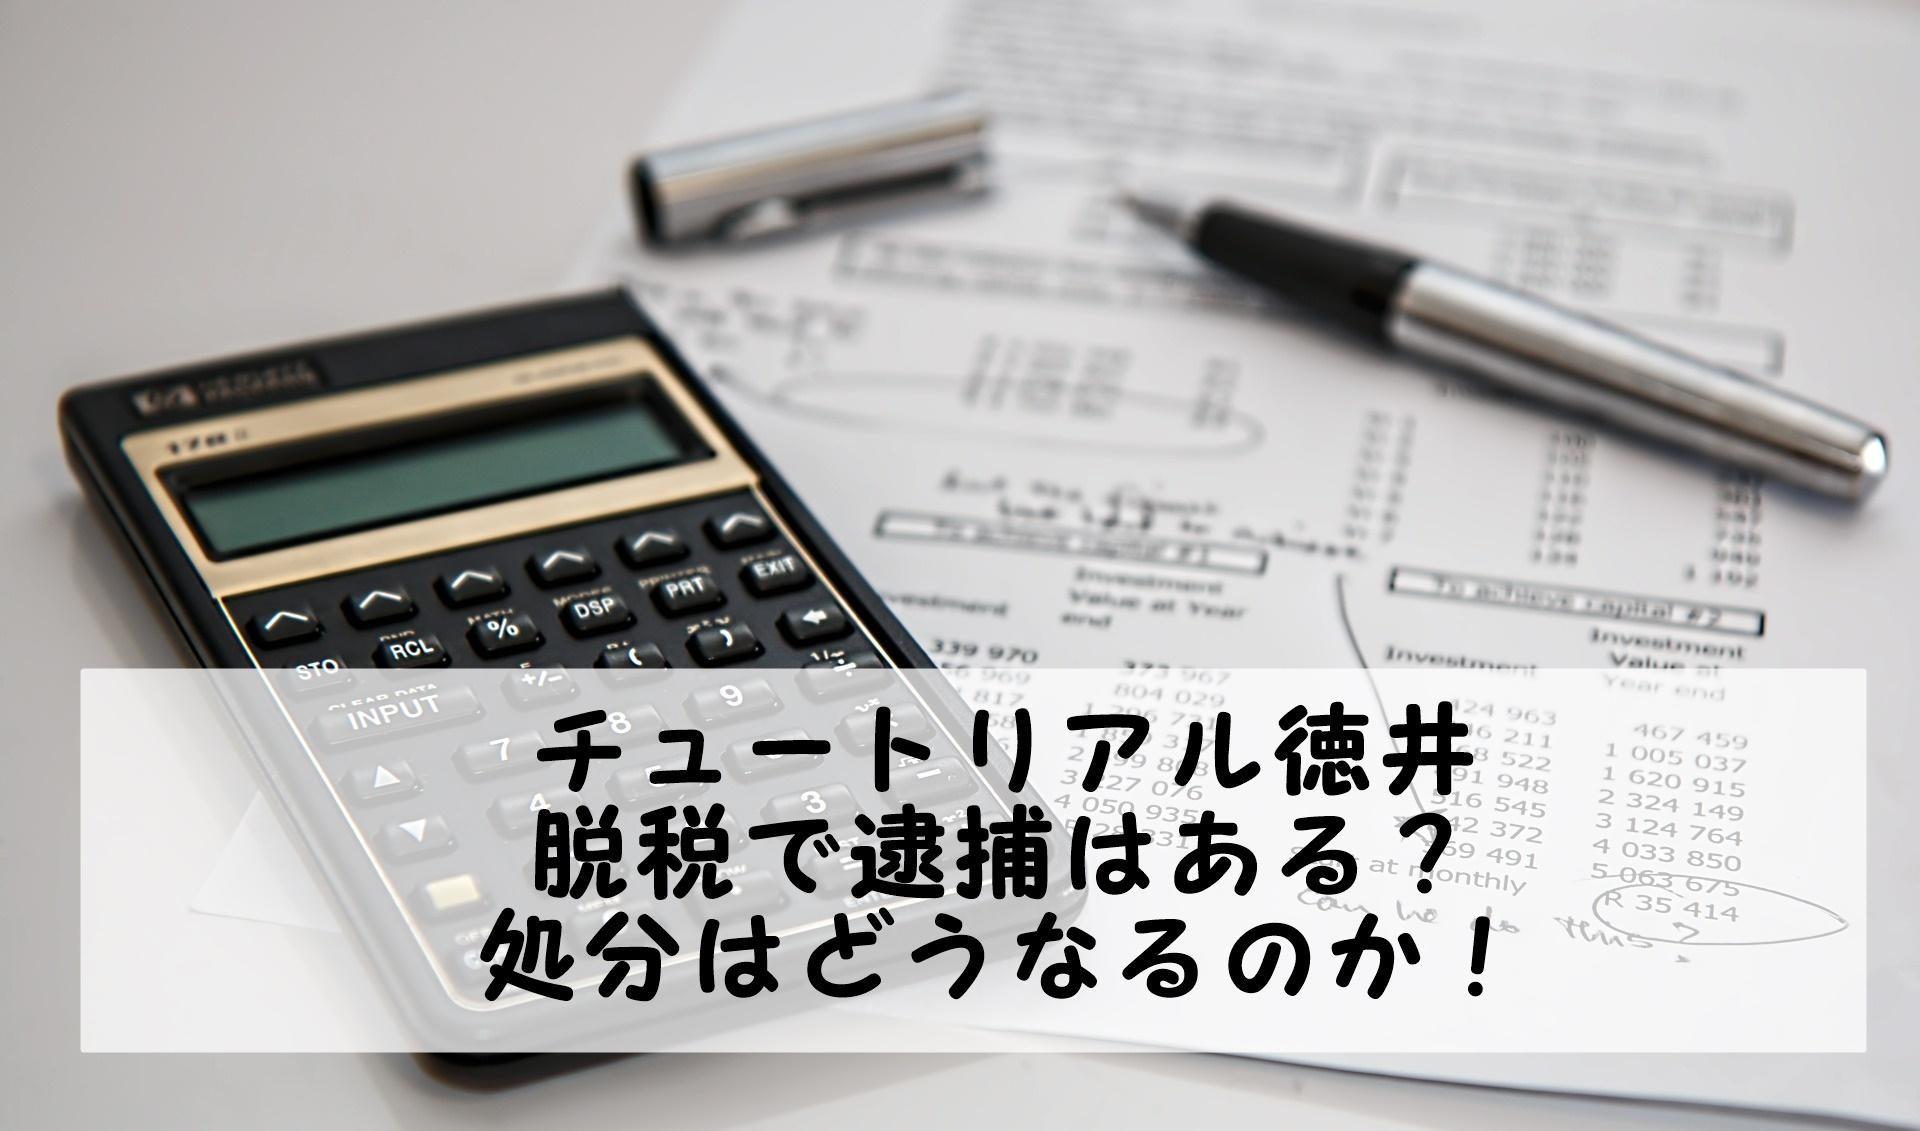 徳井義実が脱税で処分はどうなる?会社の名前や設立理由は?